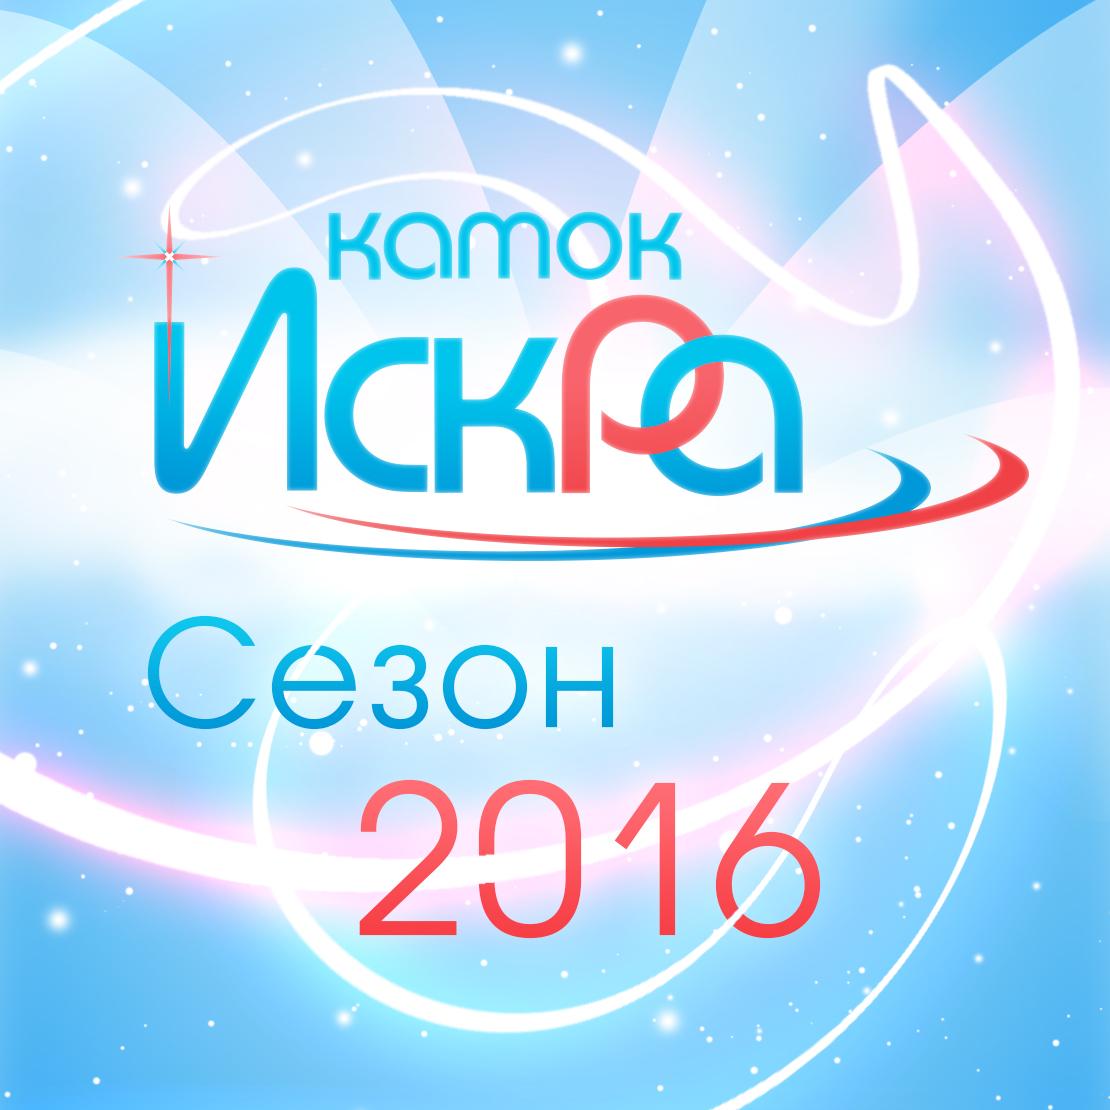 Каток Искра открылся для посетителей 2 января 2016 года!